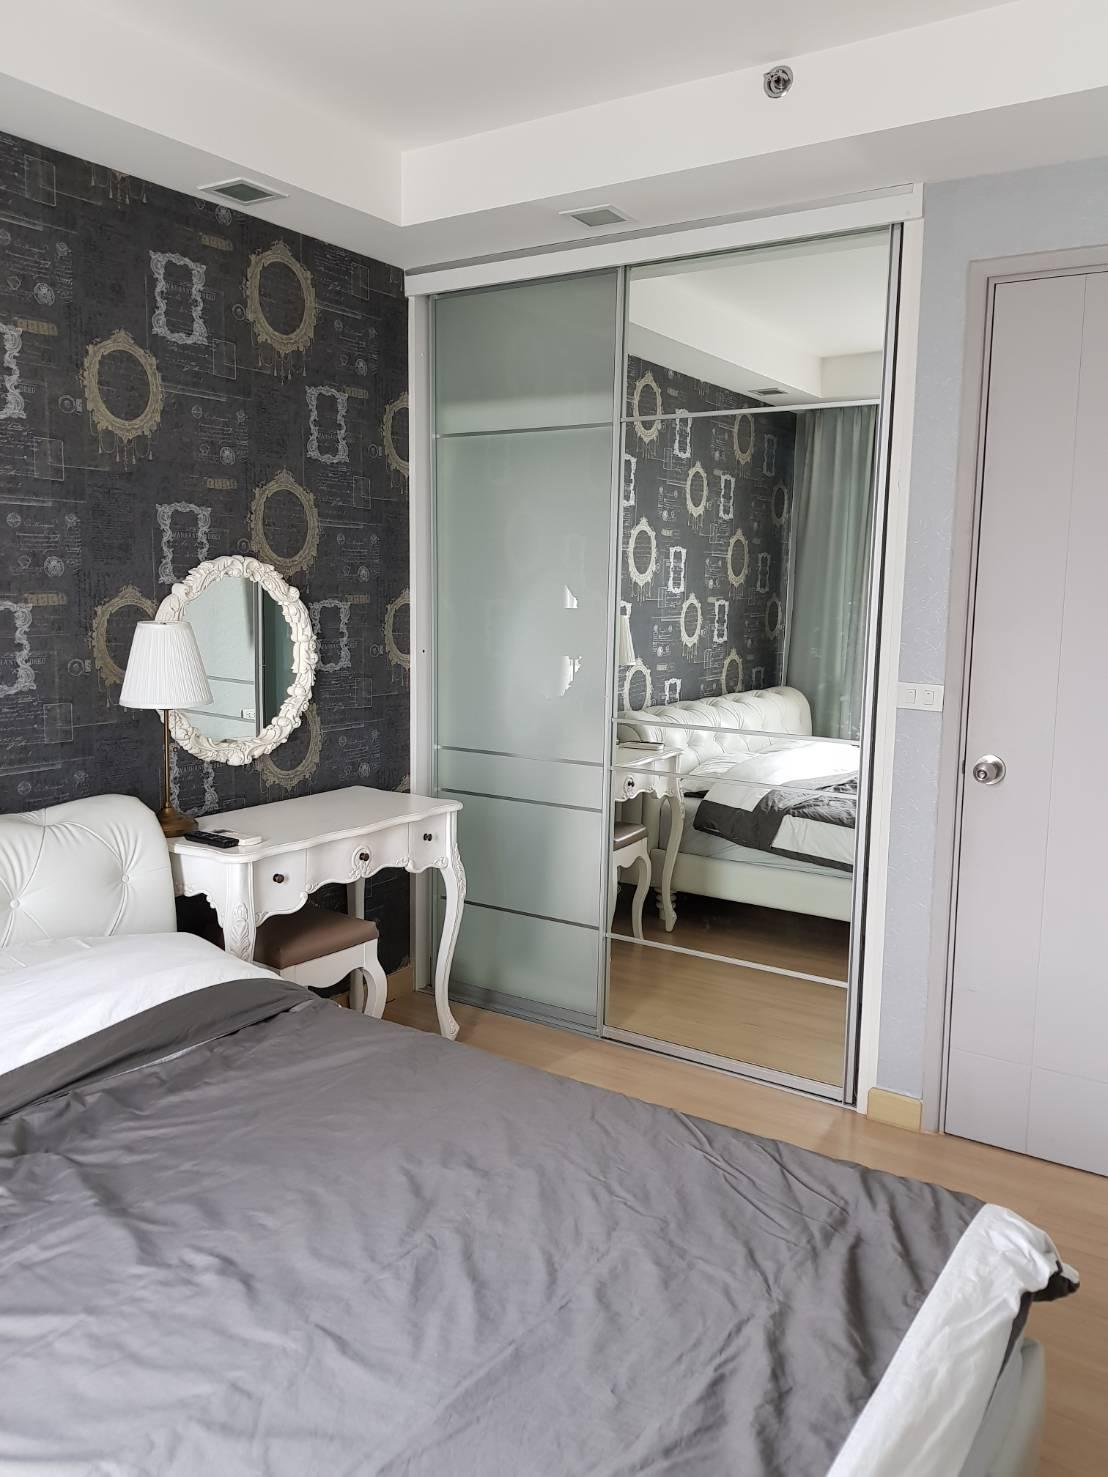 ให้เช่าคอนโด Thru Thonglor (ทรู ทองหล่อ) 1 ห้องนอน 1 ห้องน้ำ ขนาด 36. ตรม. ชั้น 25